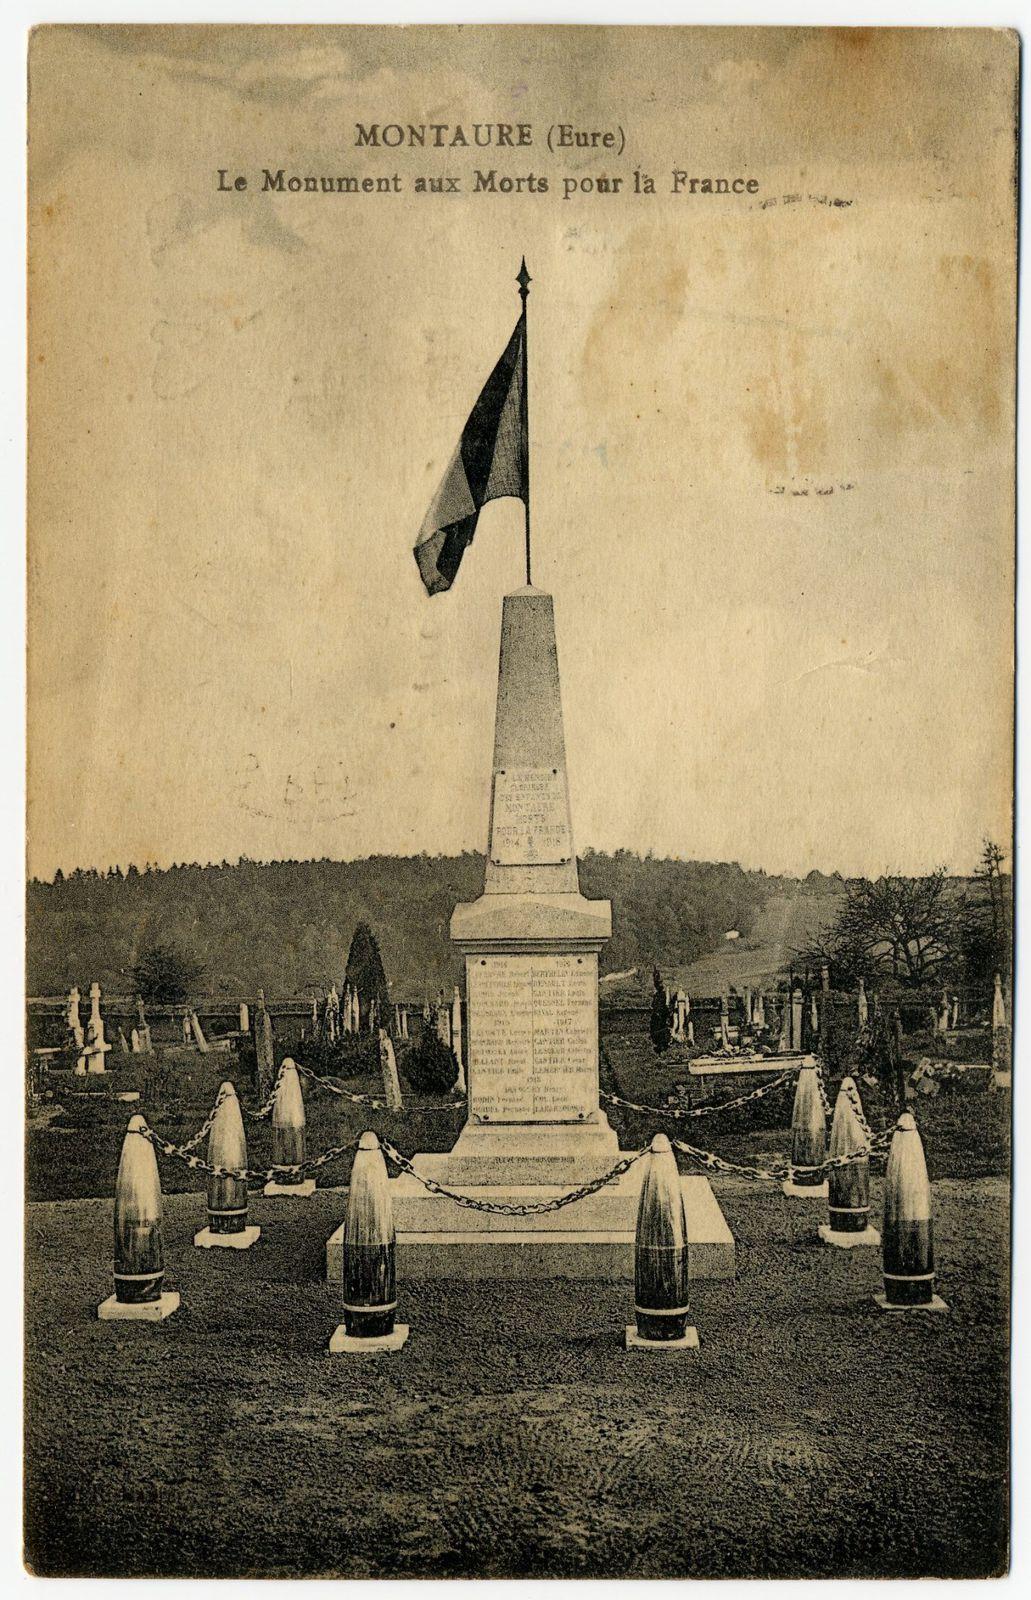 Le Monument aux morts de Montaure vers 1920 et en 2013 (cliché contemporain Armand Launay, aout 2013).